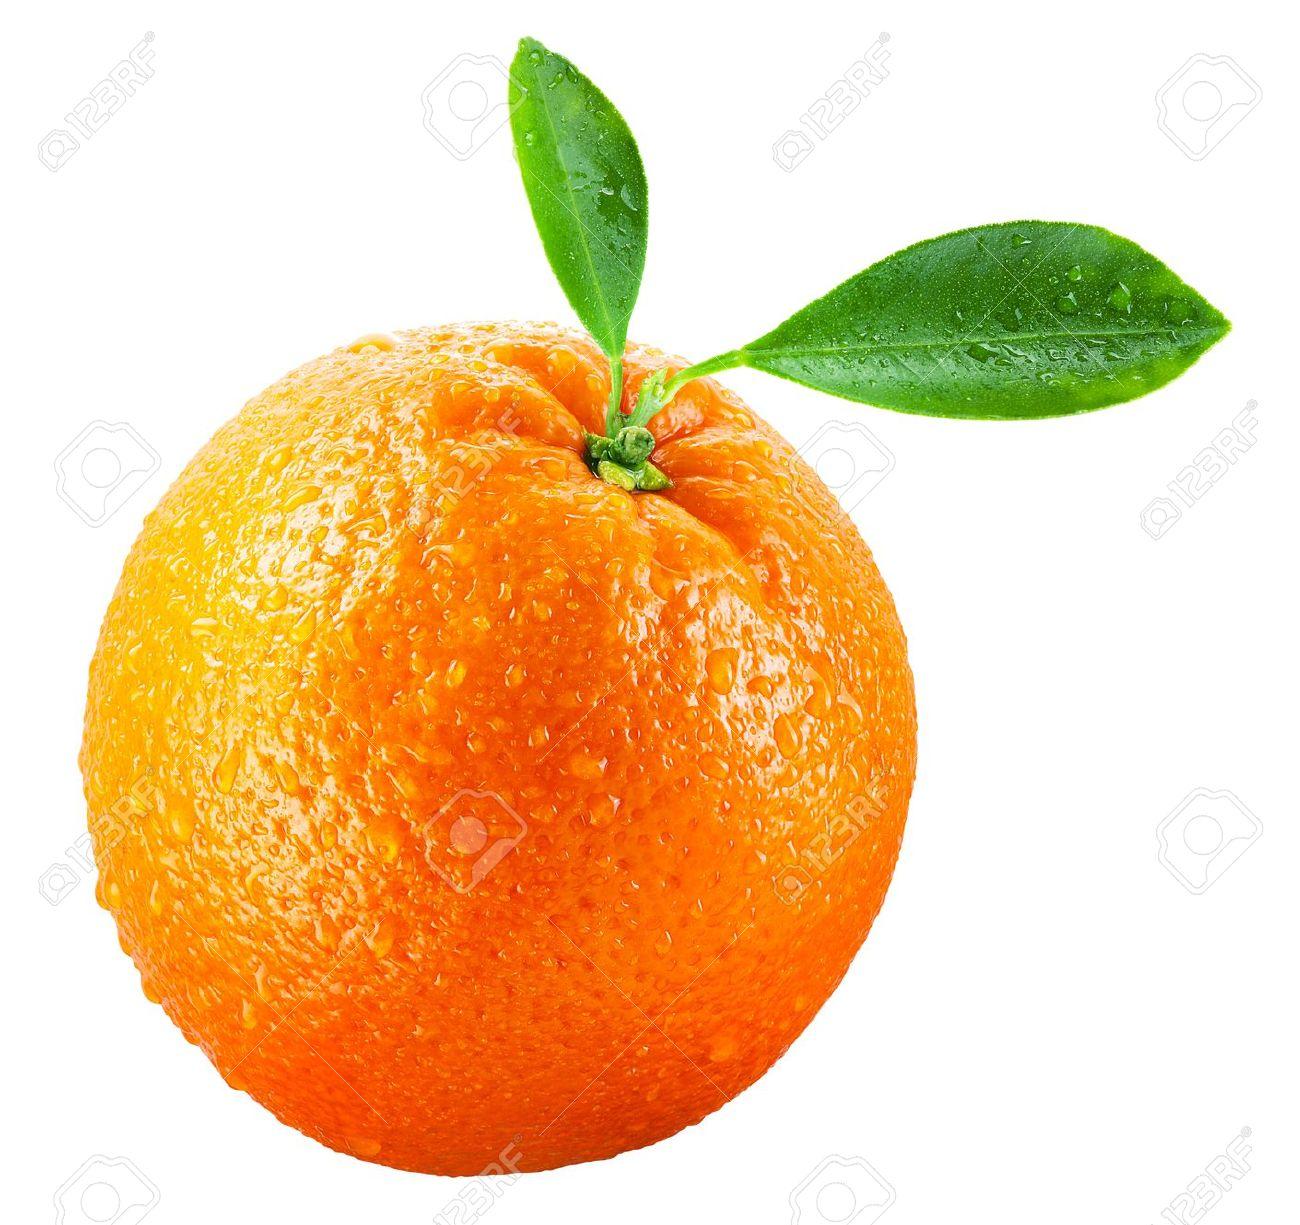 Wet orange fruit with leaves isolated on white - 12521354